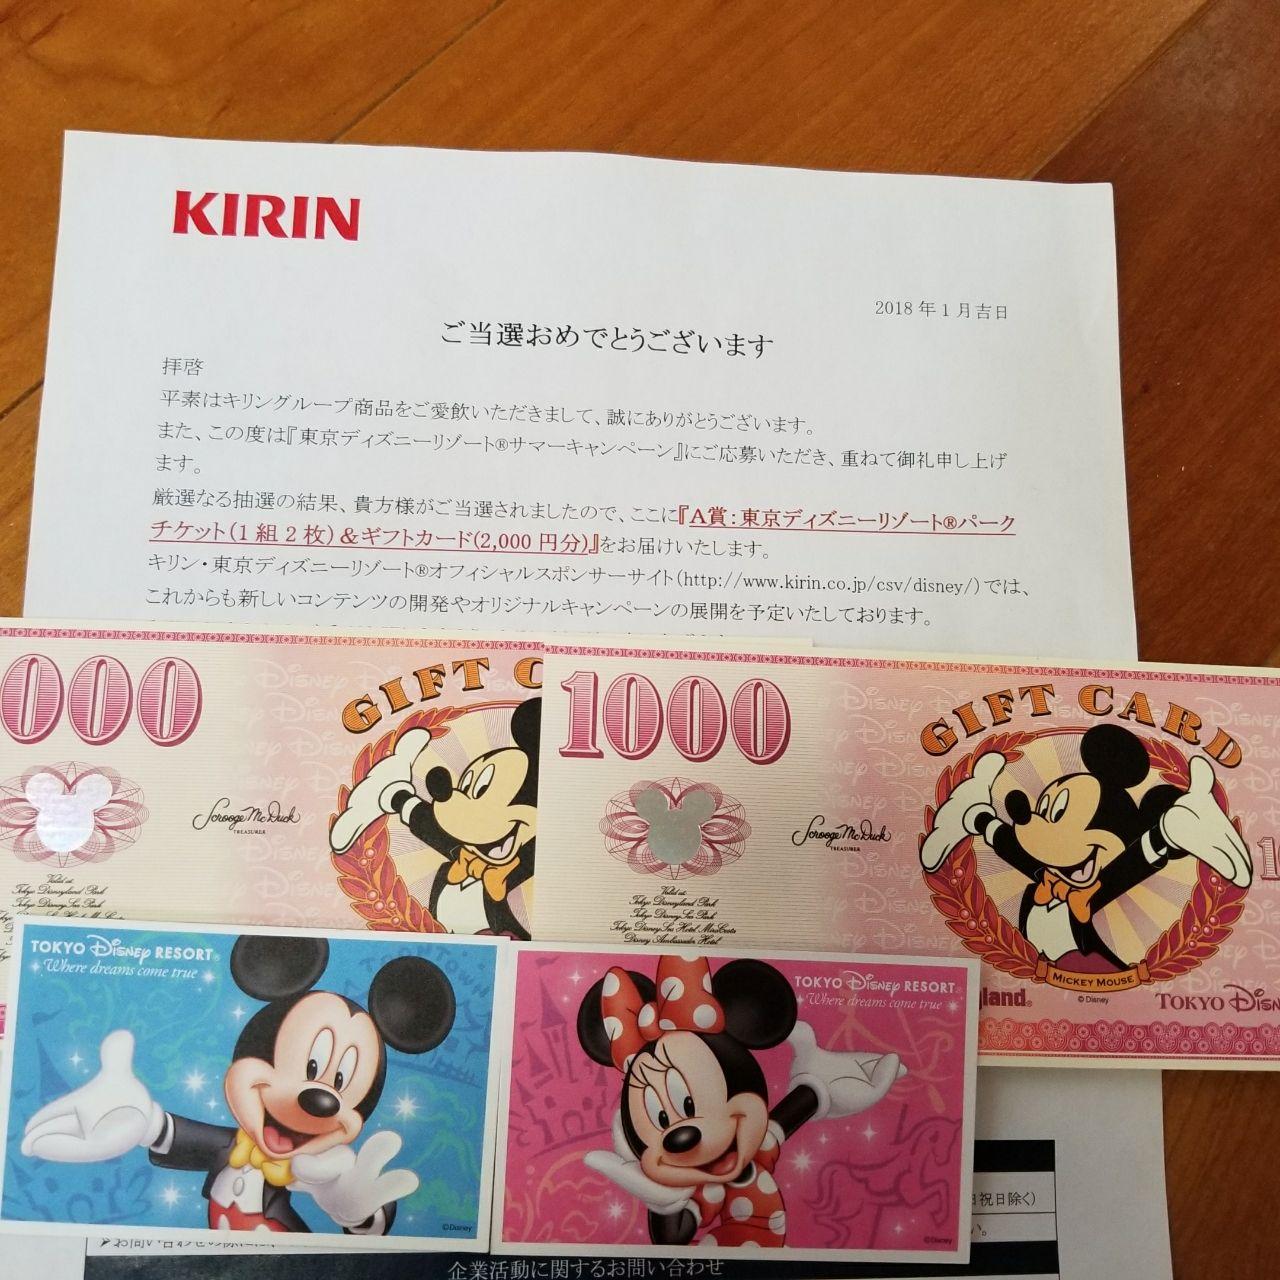 キリン東京ディズニーリゾートパークチケットが当選 やったー